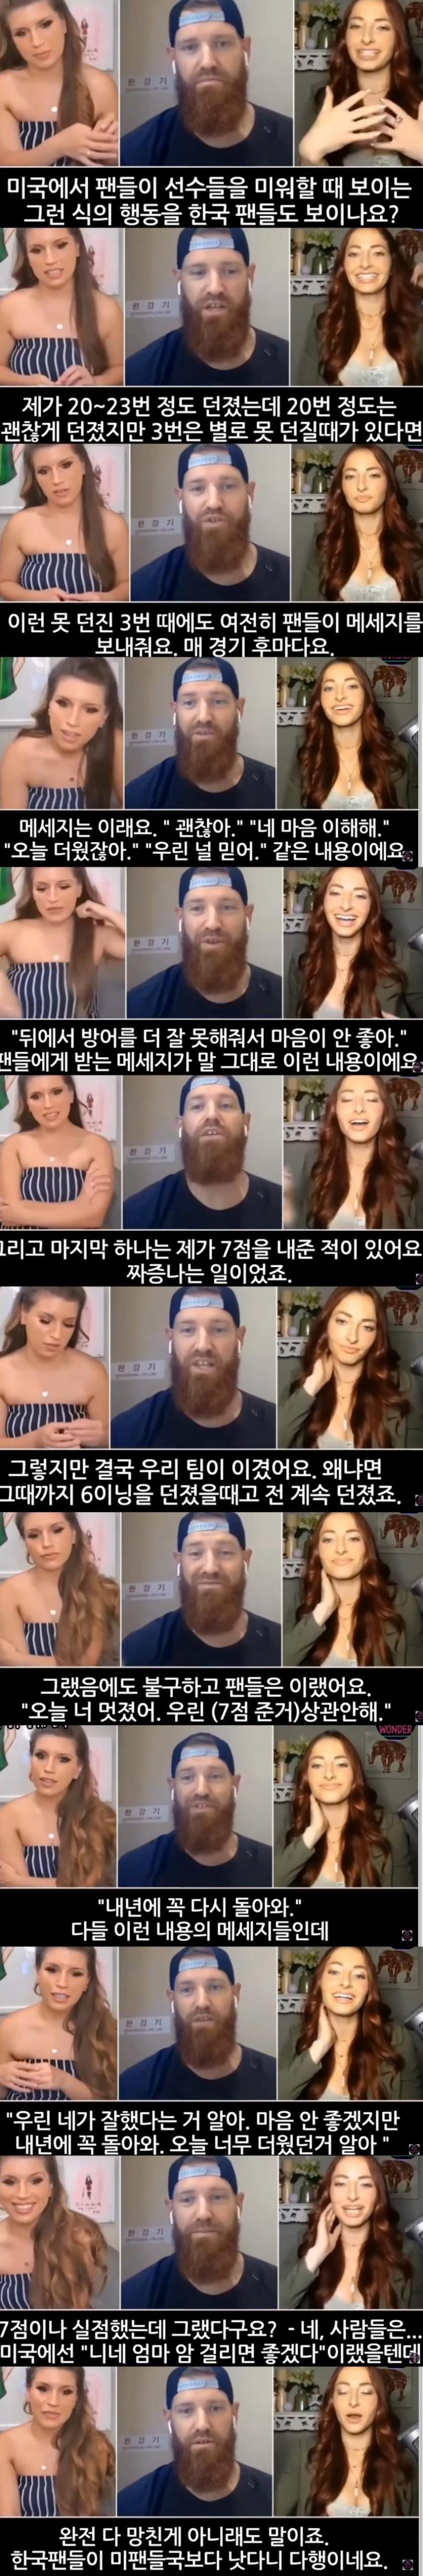 한국 팬에게 감동한 외국인 용병